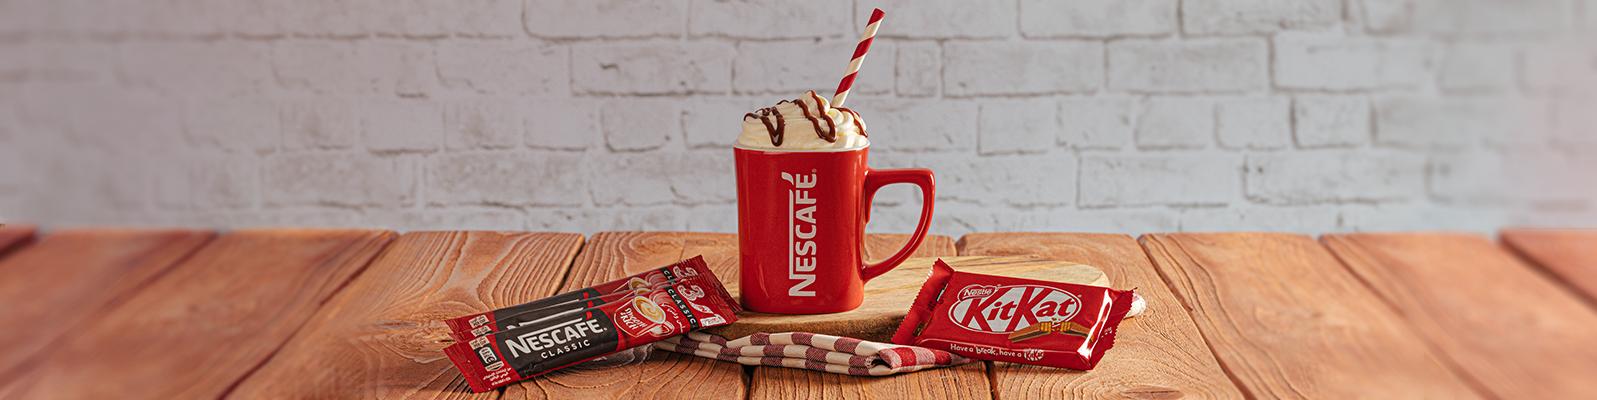 Kitkat Coffee shake